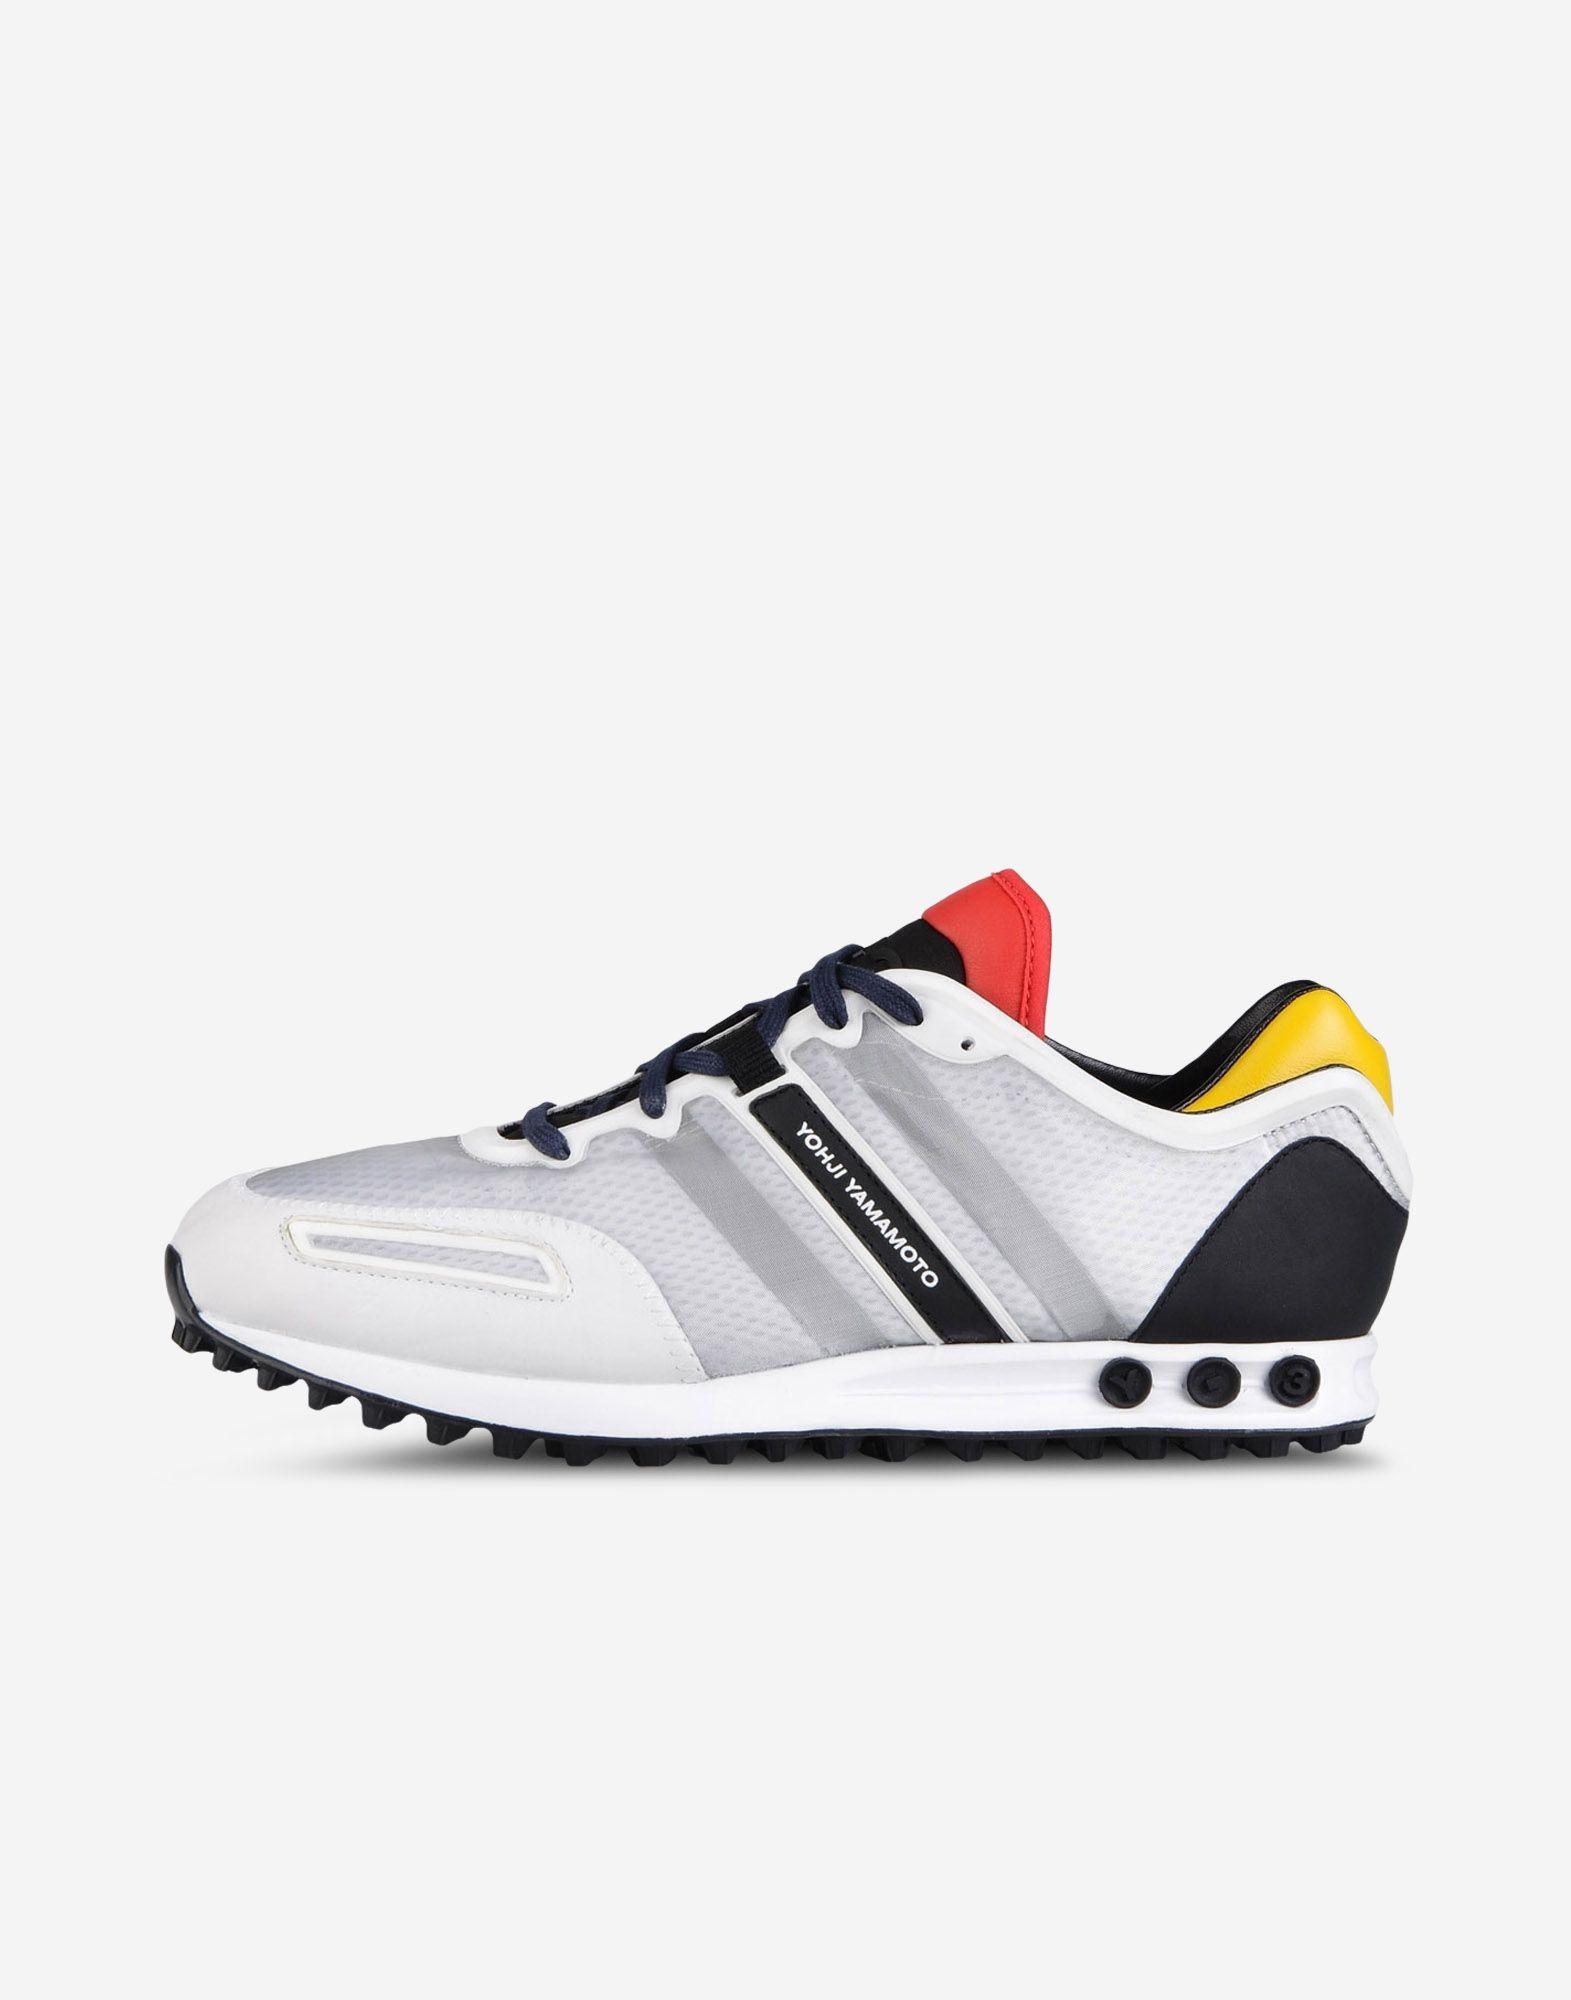 Adidas Uomo Adidas Y 3 Tokio Trainer Scarpe Adidas Y3 Scarpe